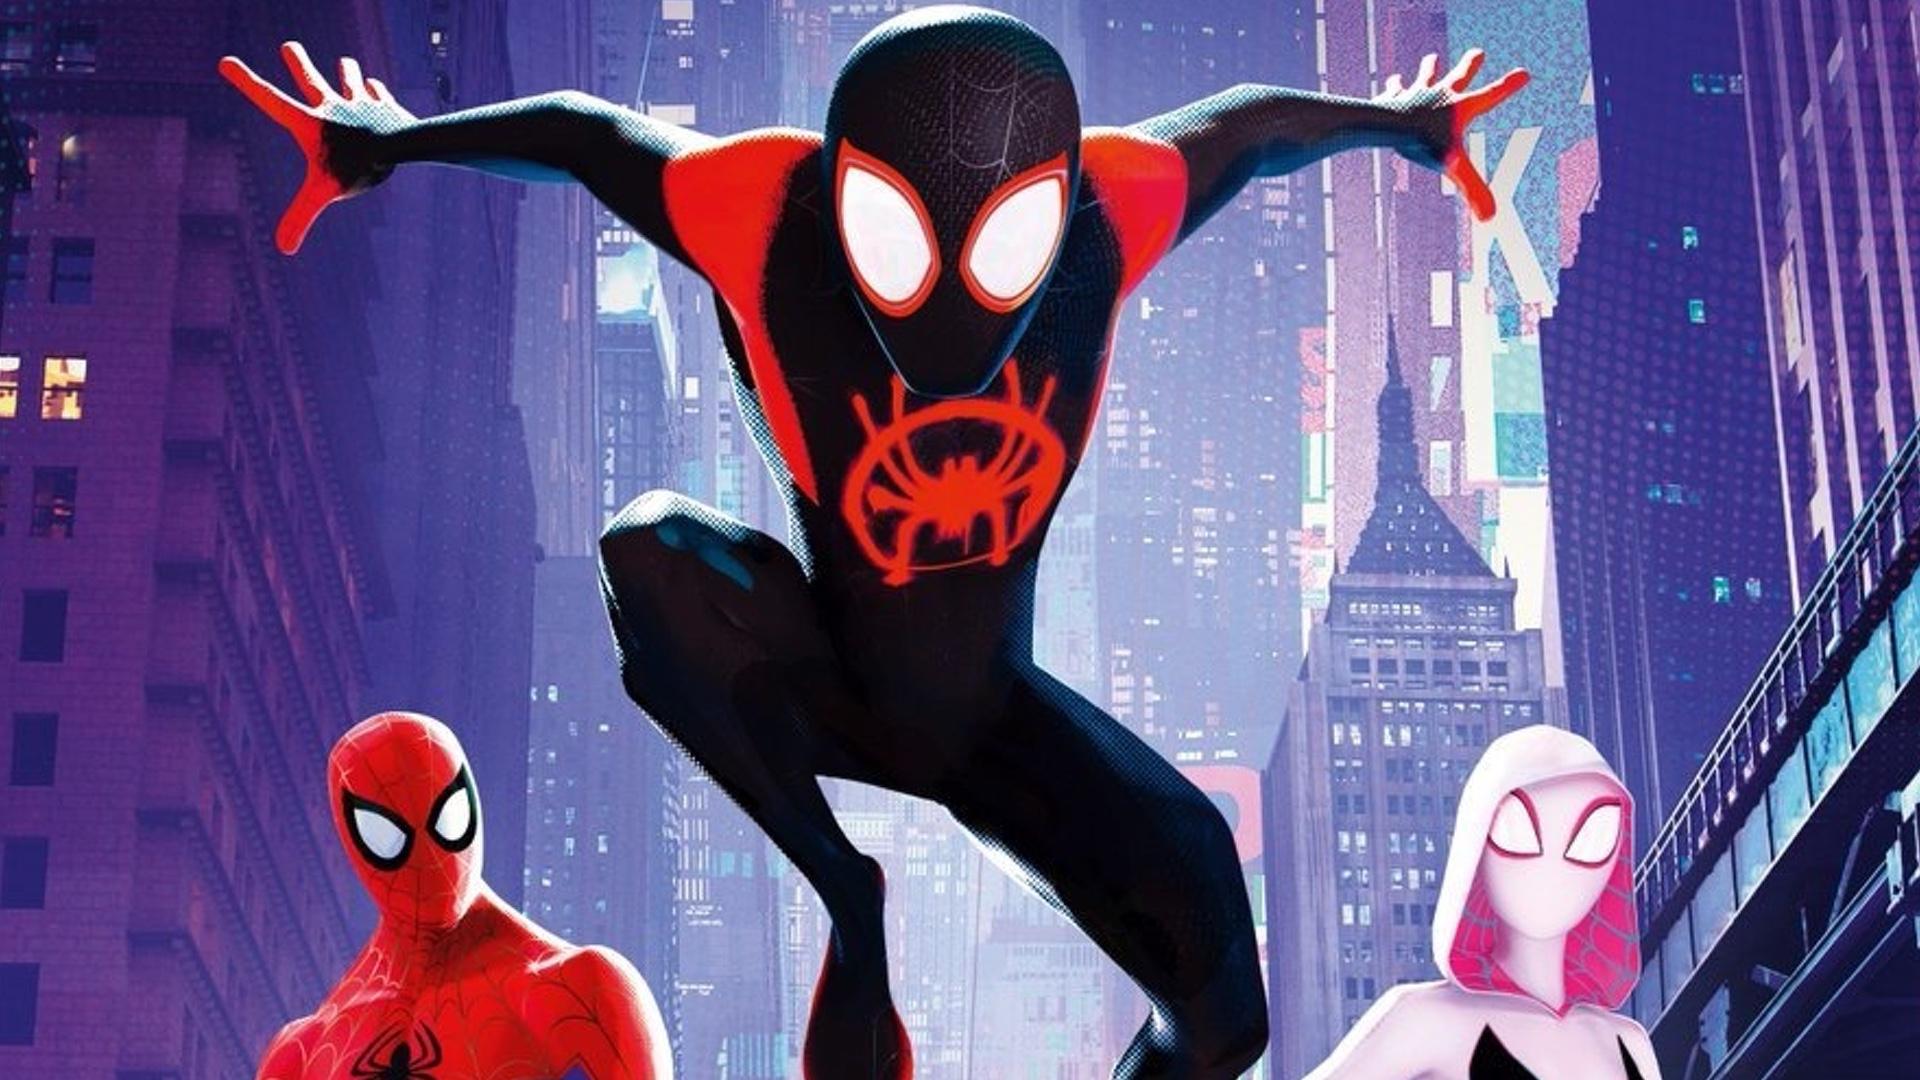 La secuela de Sony de Spider-Man: Into the Spider-Verse fija estreno en cines